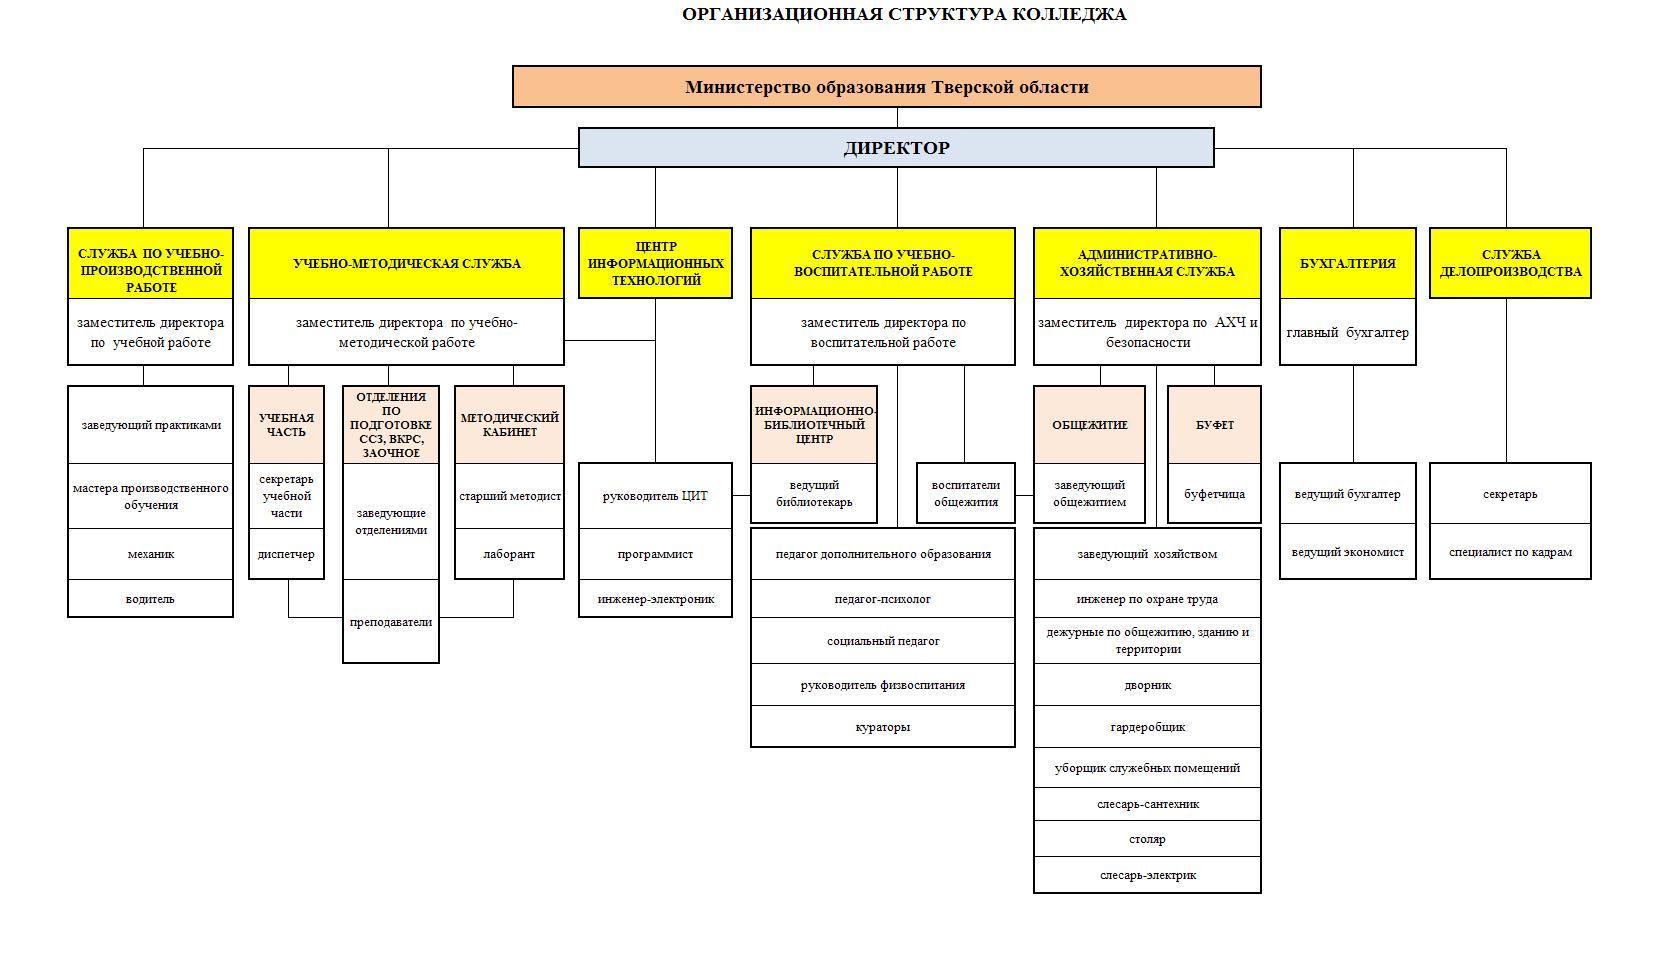 организационная структура колледжа